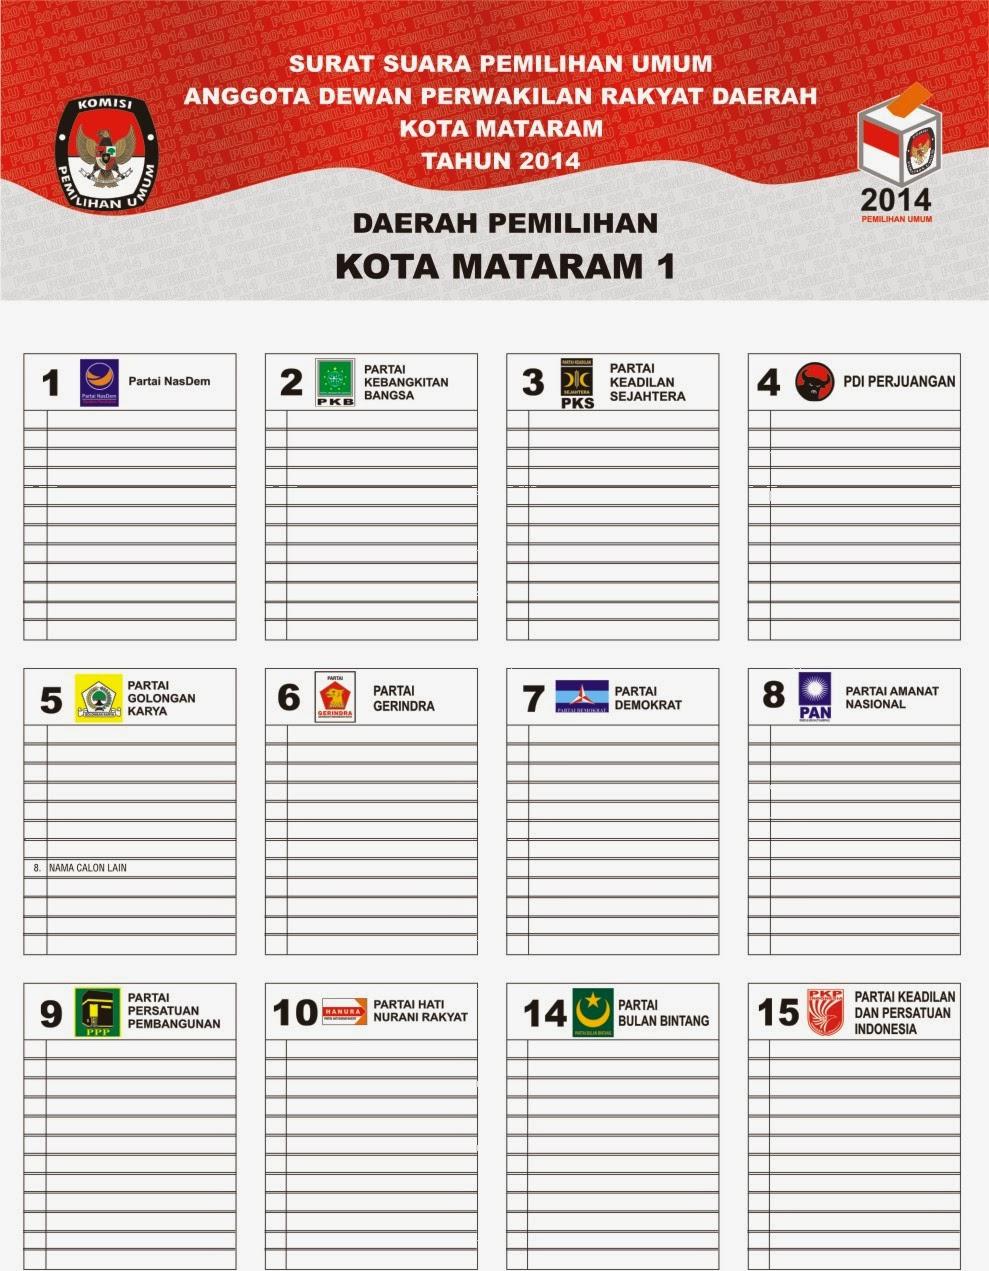 Lombokvisi Surat Suara Pemilu 2014